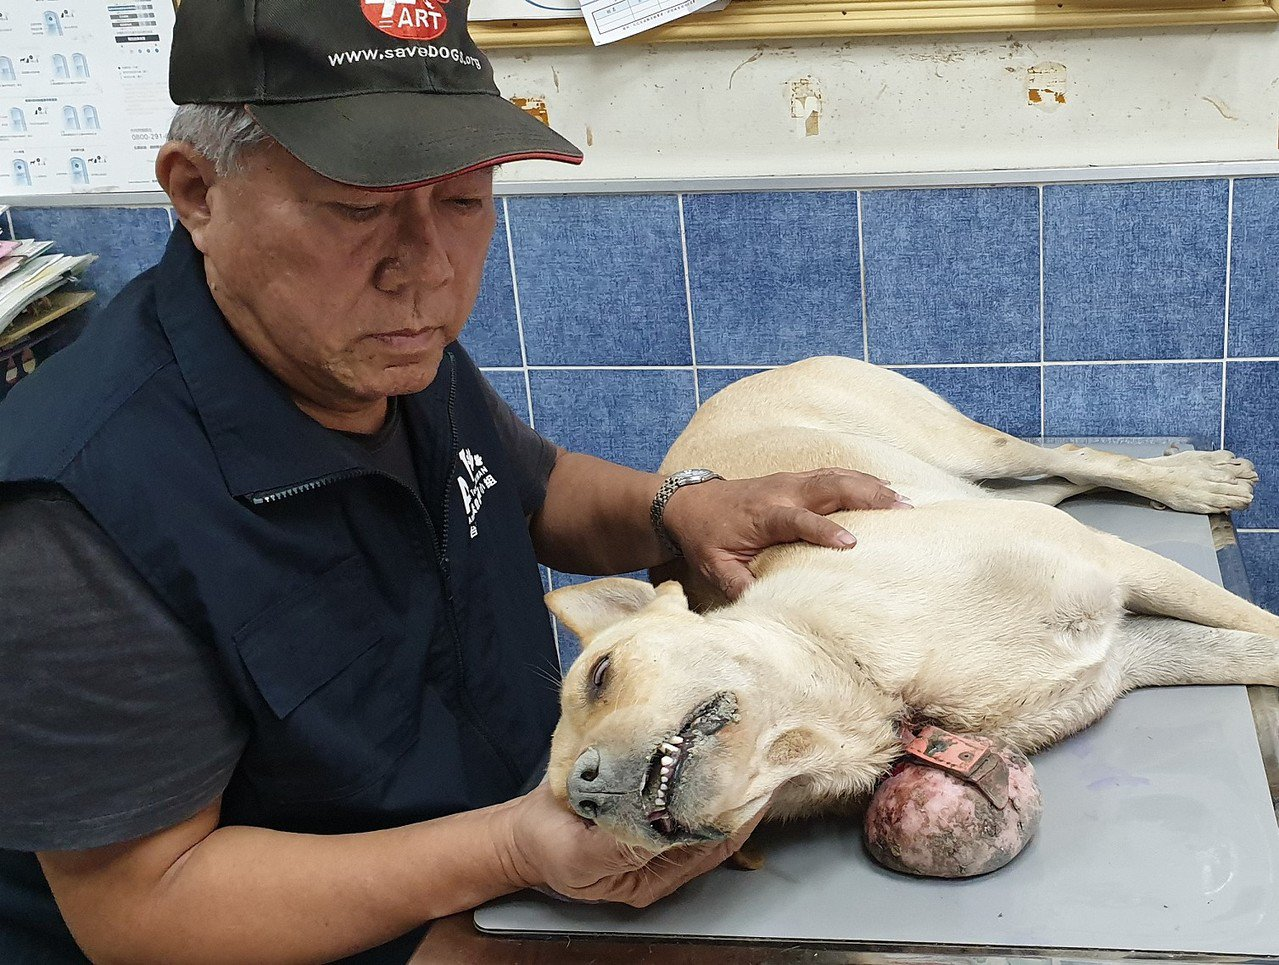 台灣動物緊急救援小組昨天下午獲報營救,獸醫師檢傷後才發現腫瘤是從頸圈的扣環中增生...